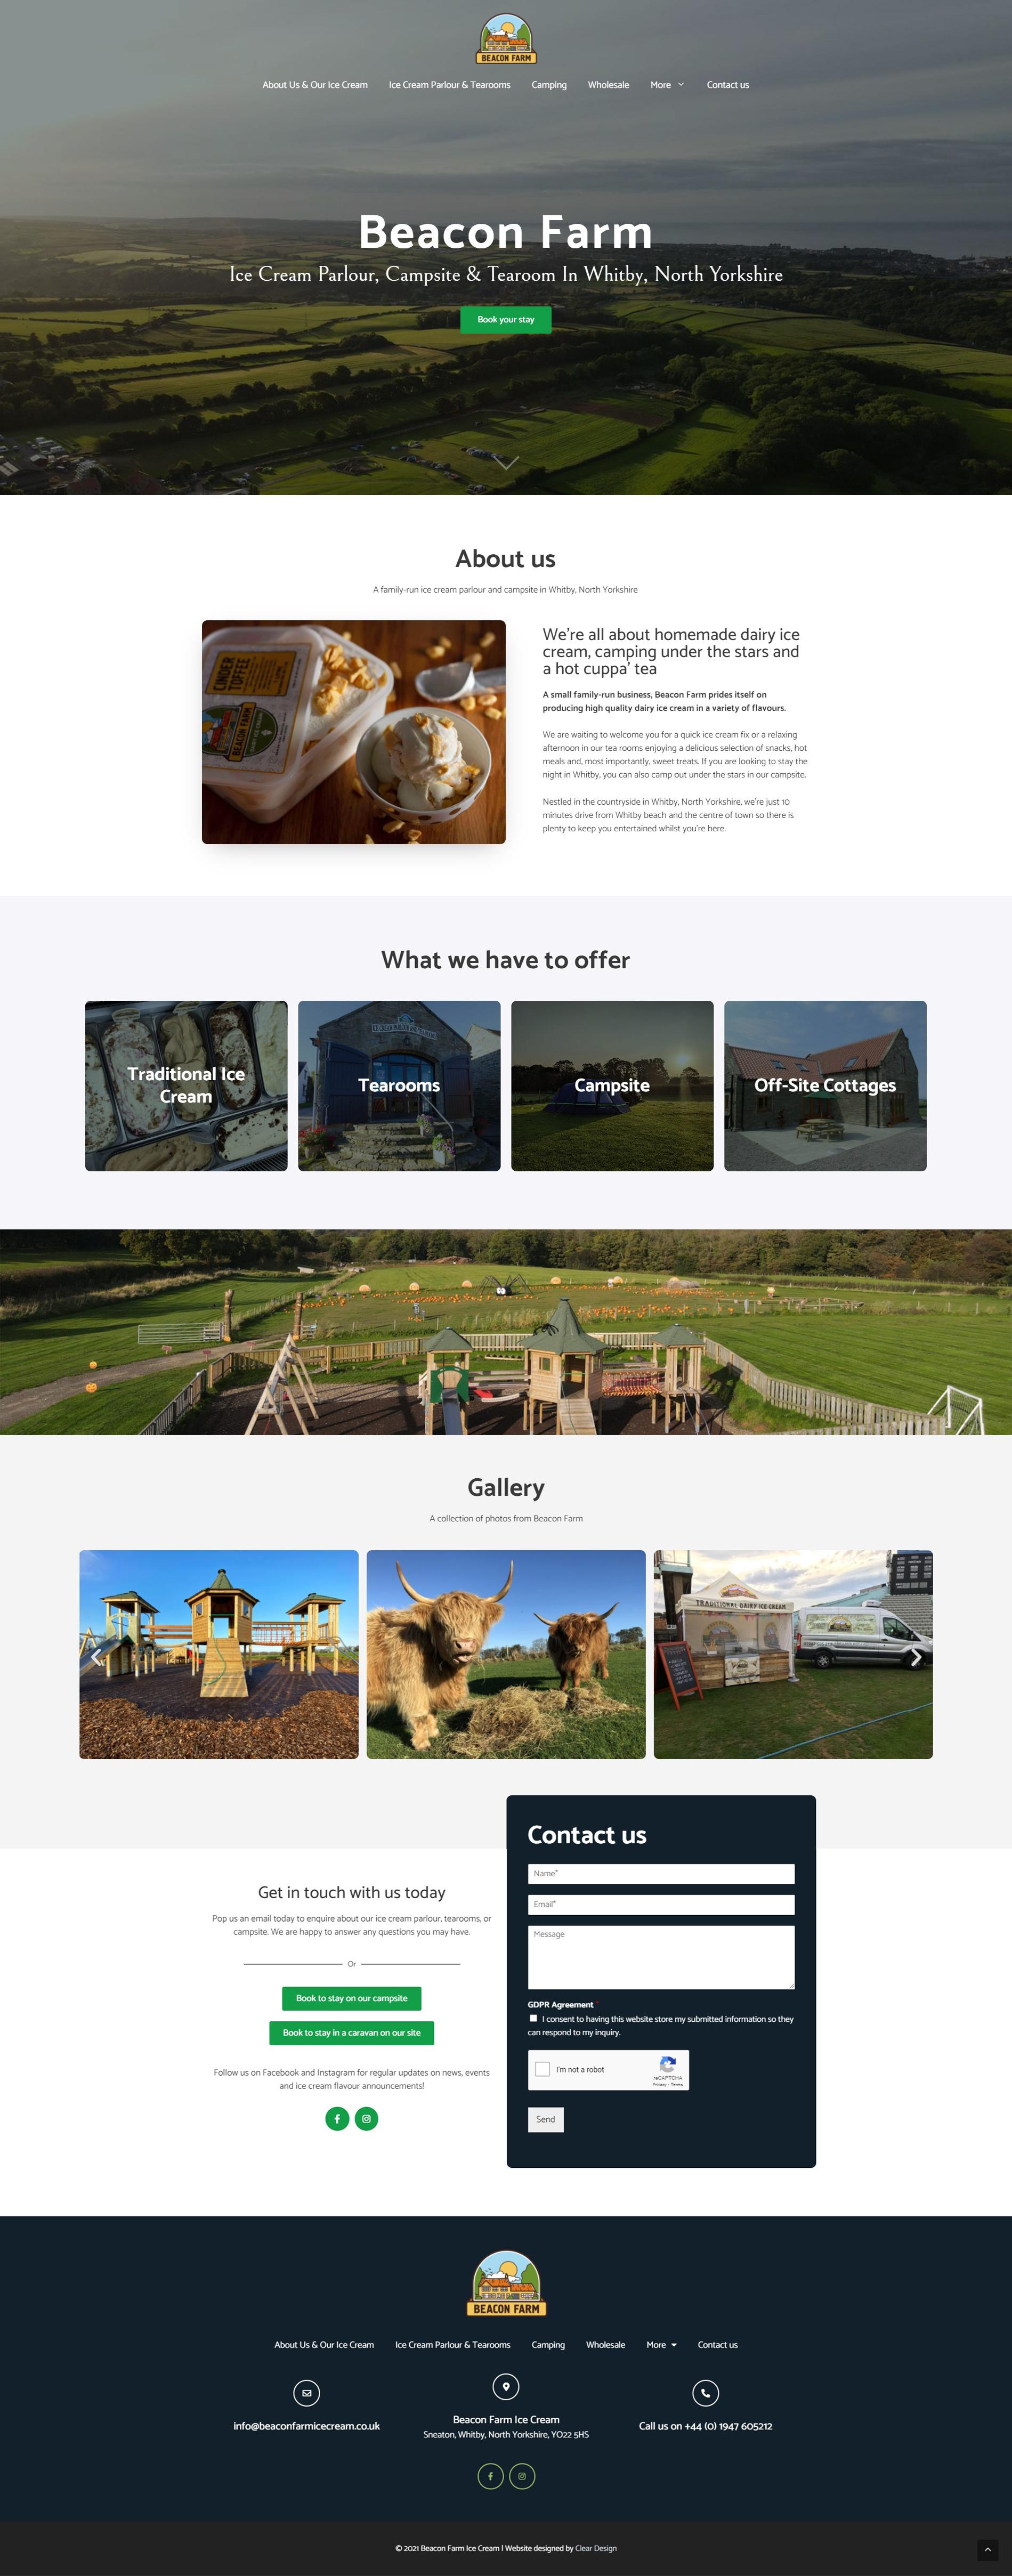 Ice Cream Parlour and Campsite Website Design | Clear Design